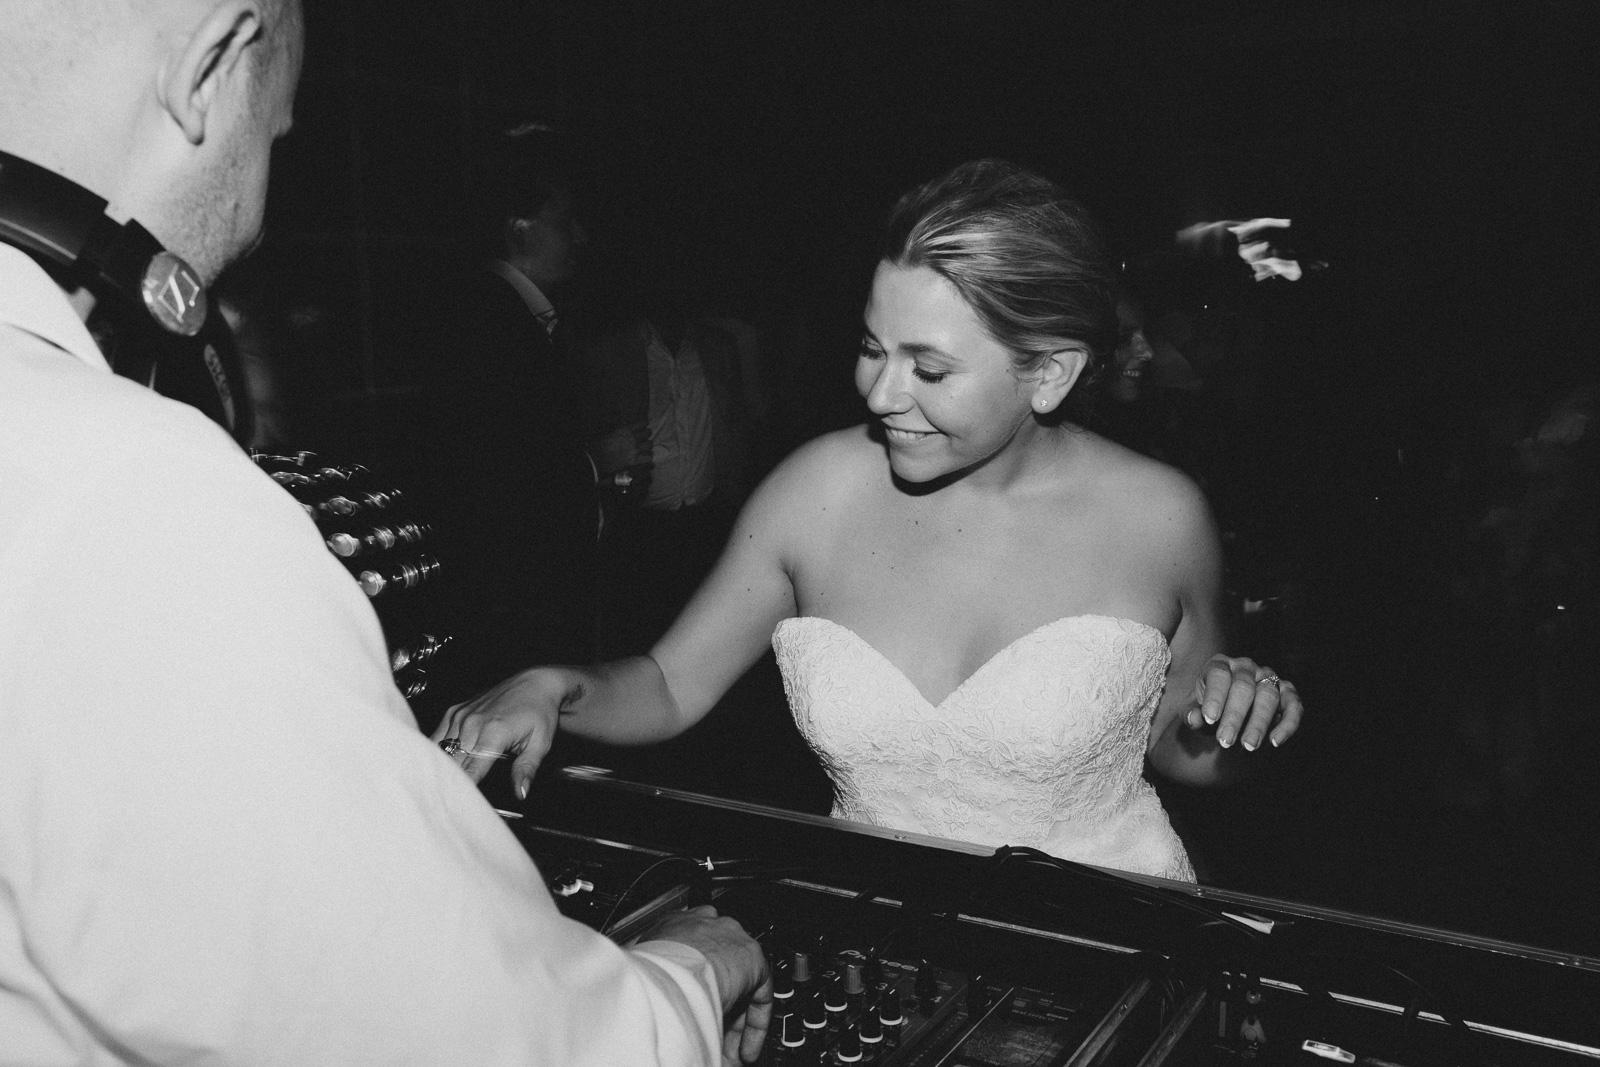 Evabloem_wedding_martine-en-jurriaan-27.jpg